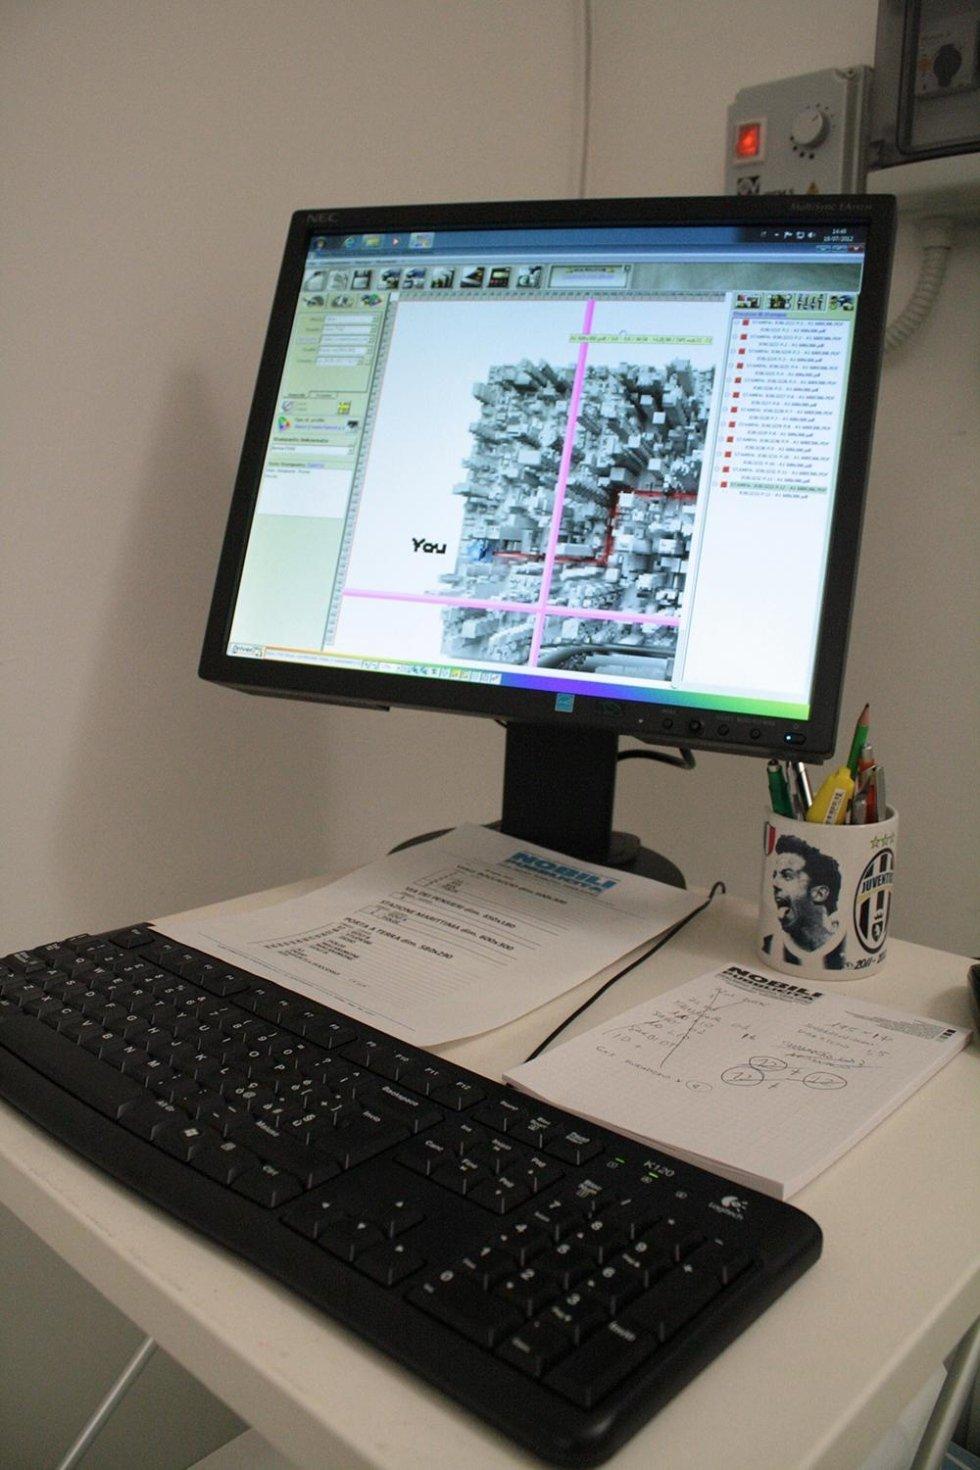 sviluppo grafico di un immagine al computer